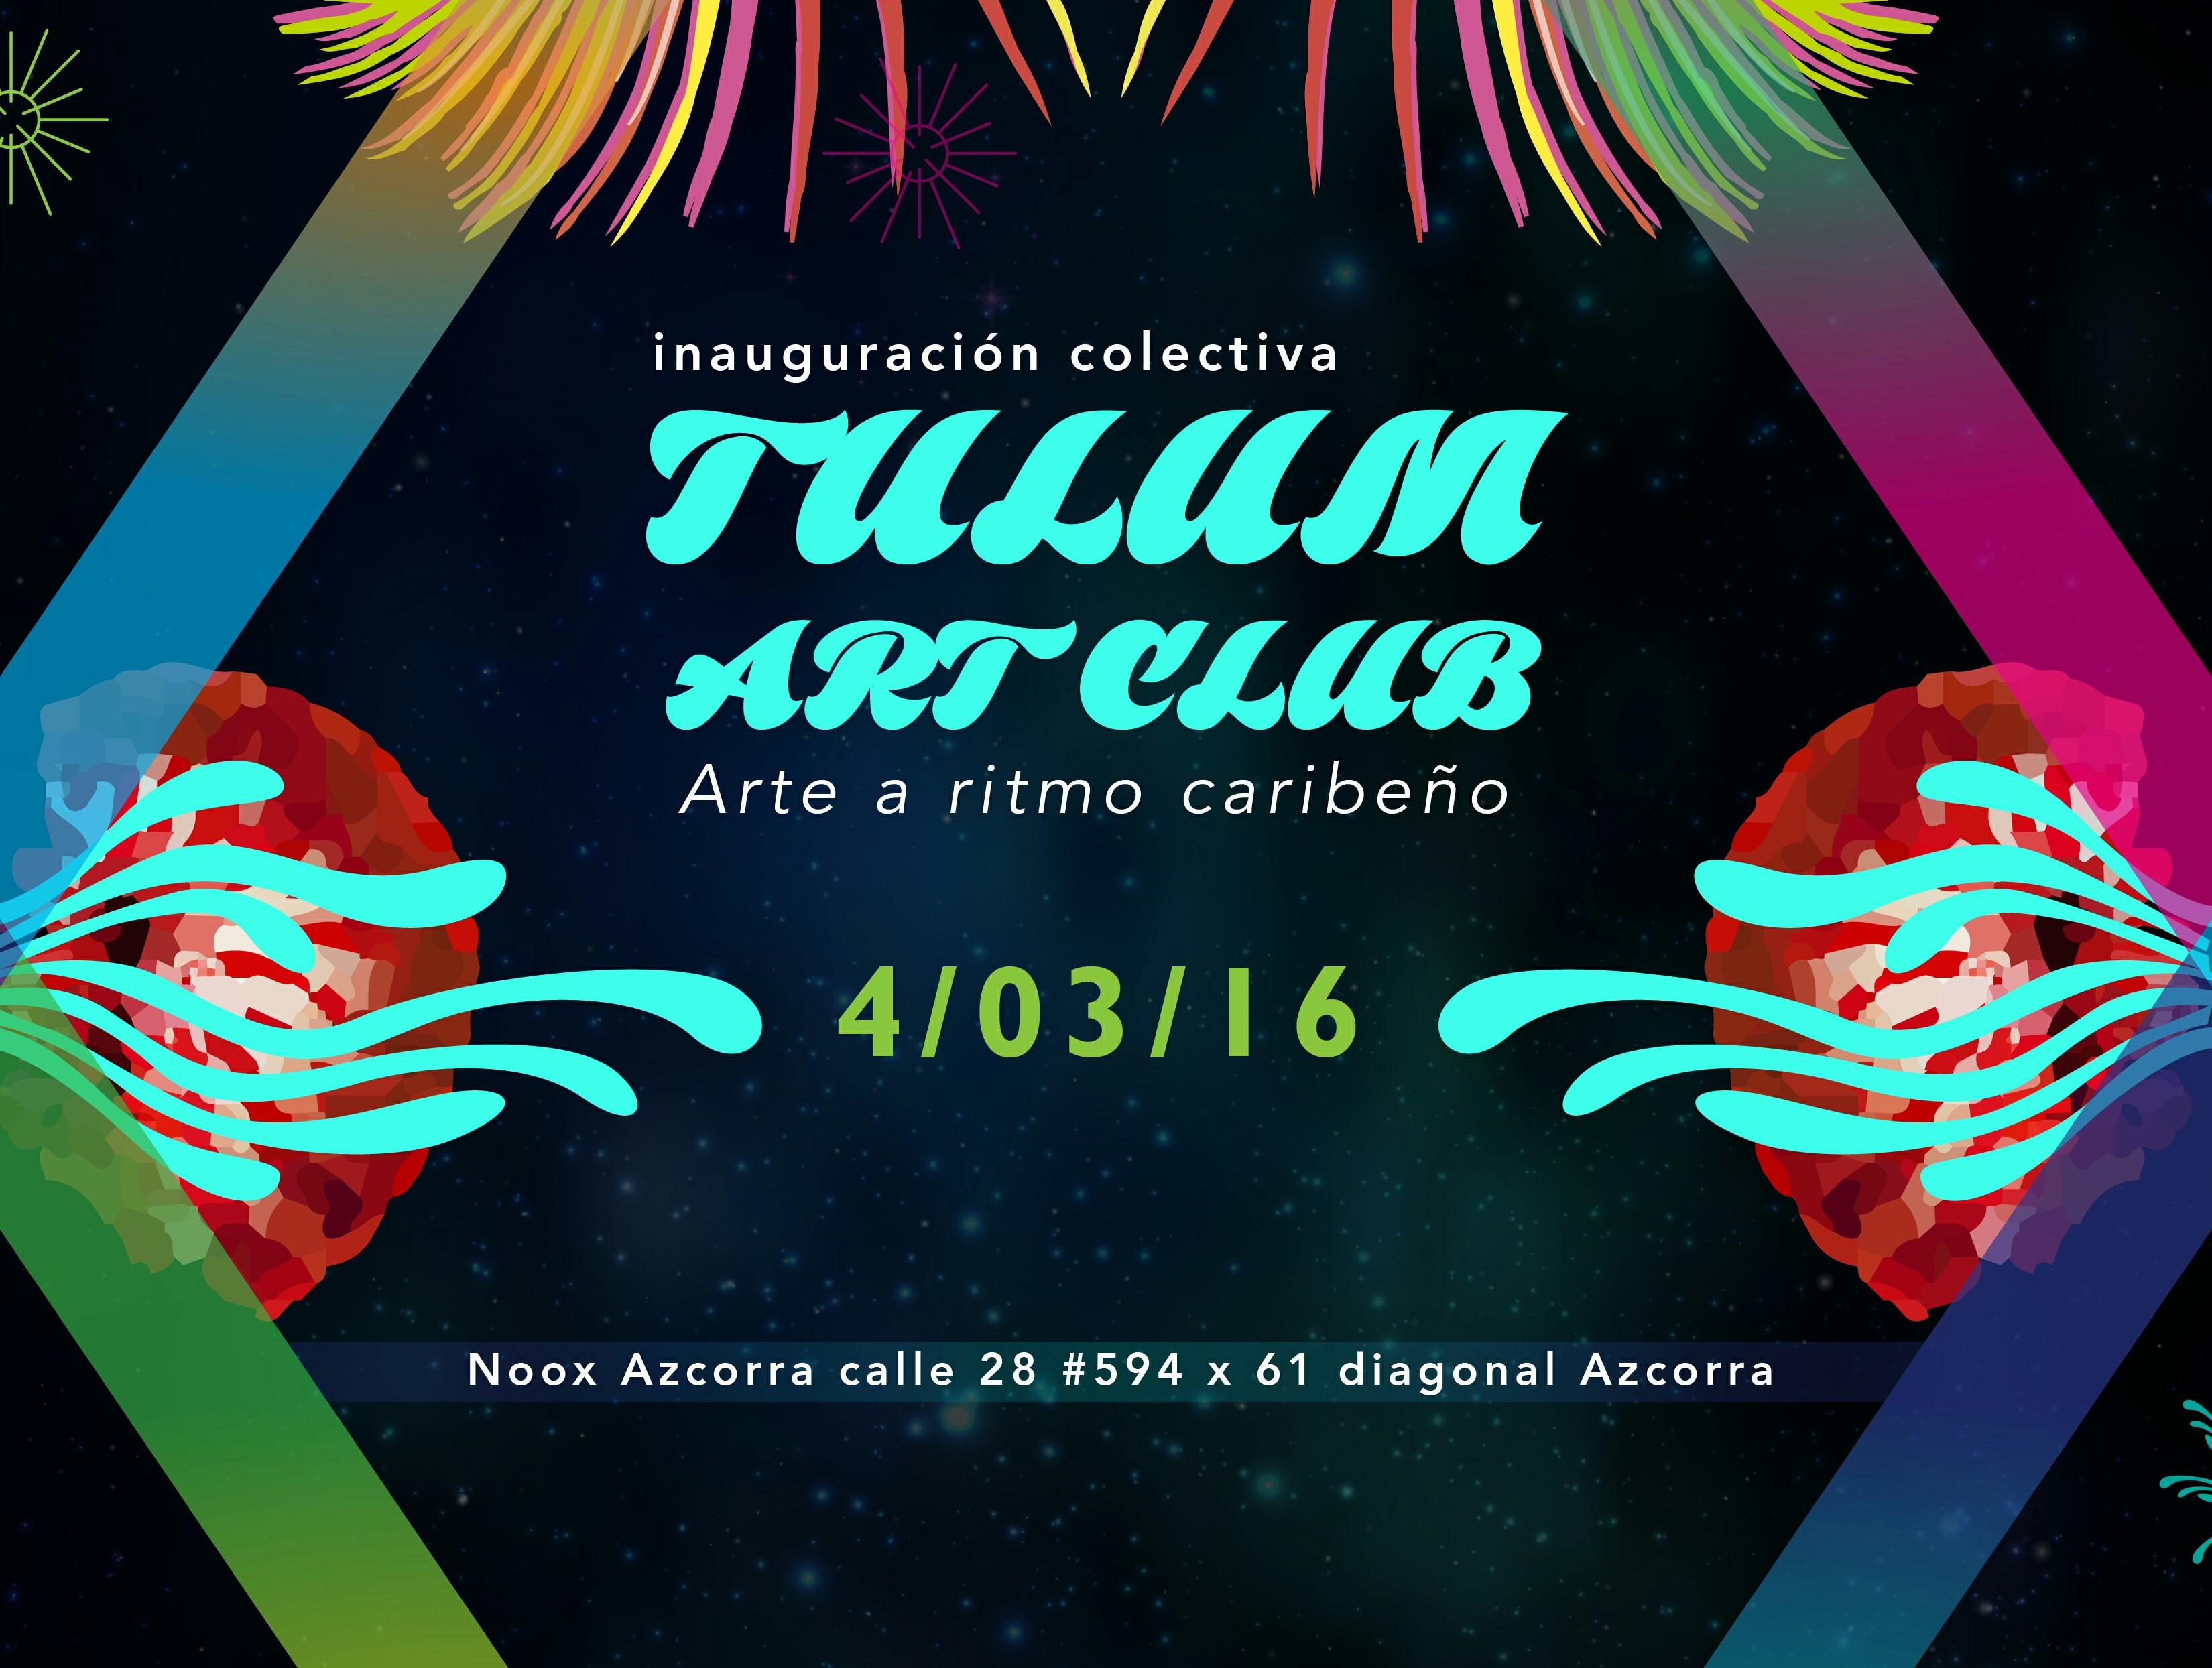 """Exposición colectiva """"Tulum Art Club"""", este viernes en Noox Azcorra"""